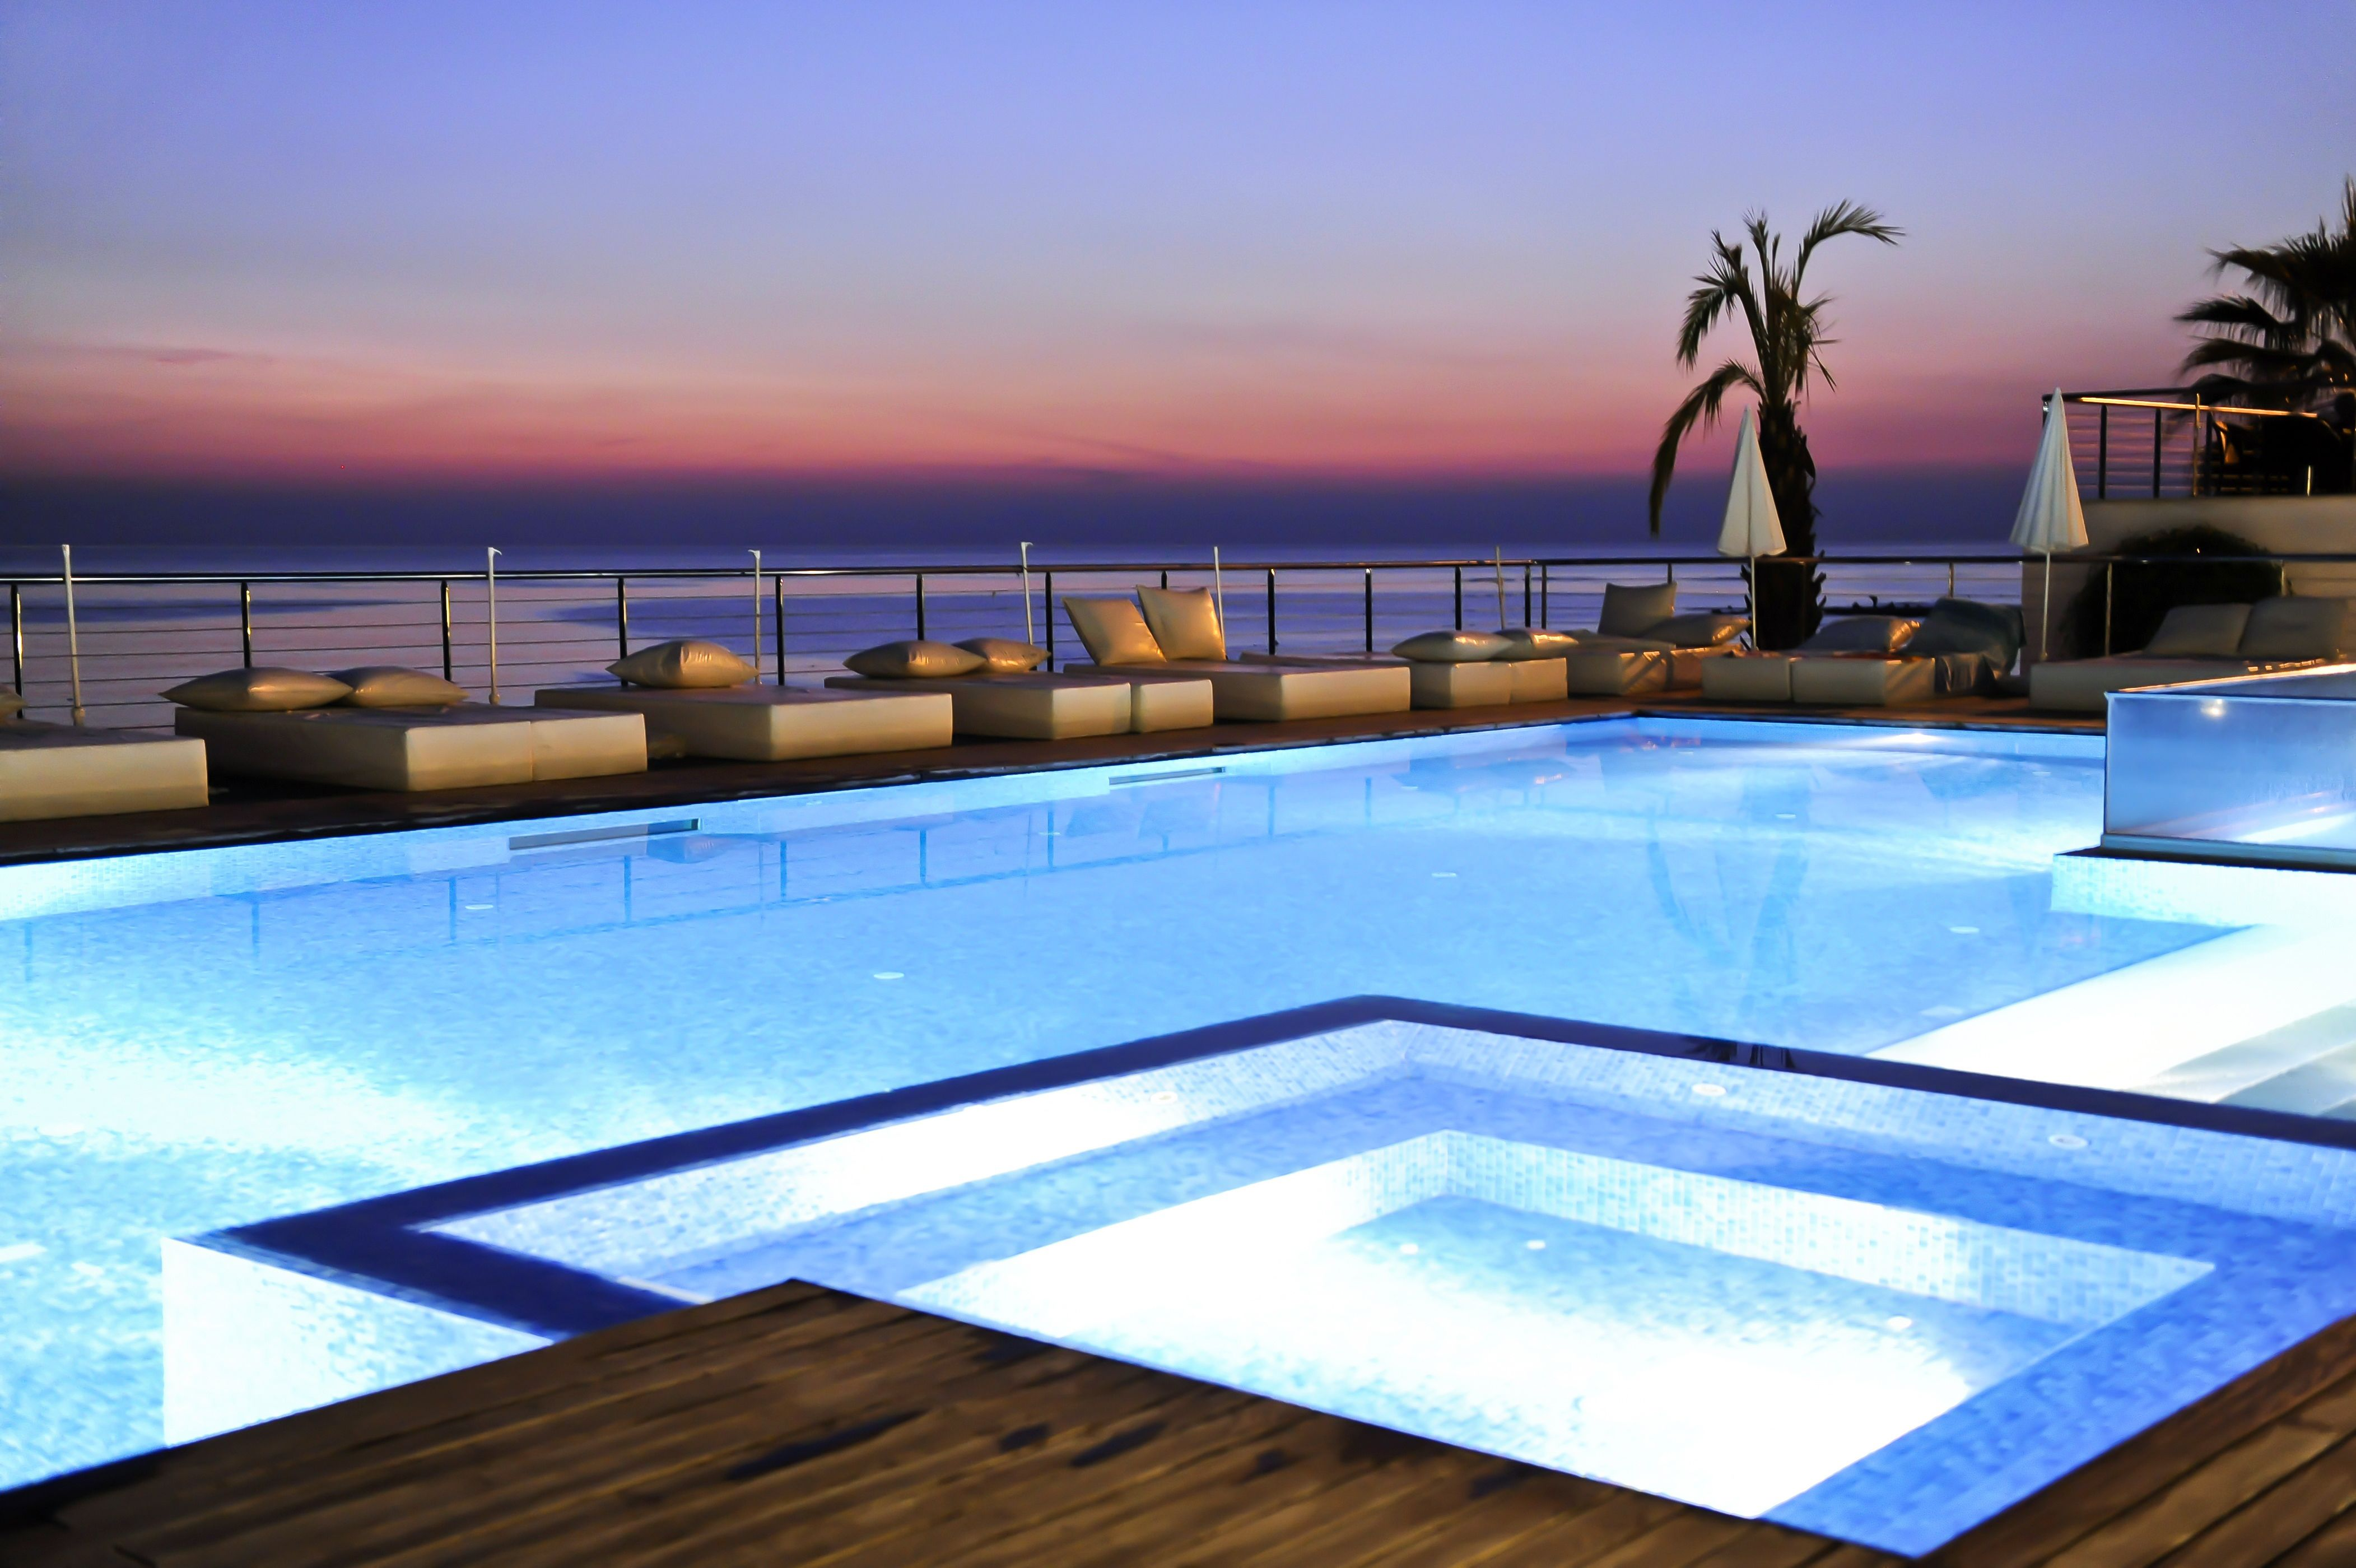 Hotell Yalihan, Avsallar, Tyrkia